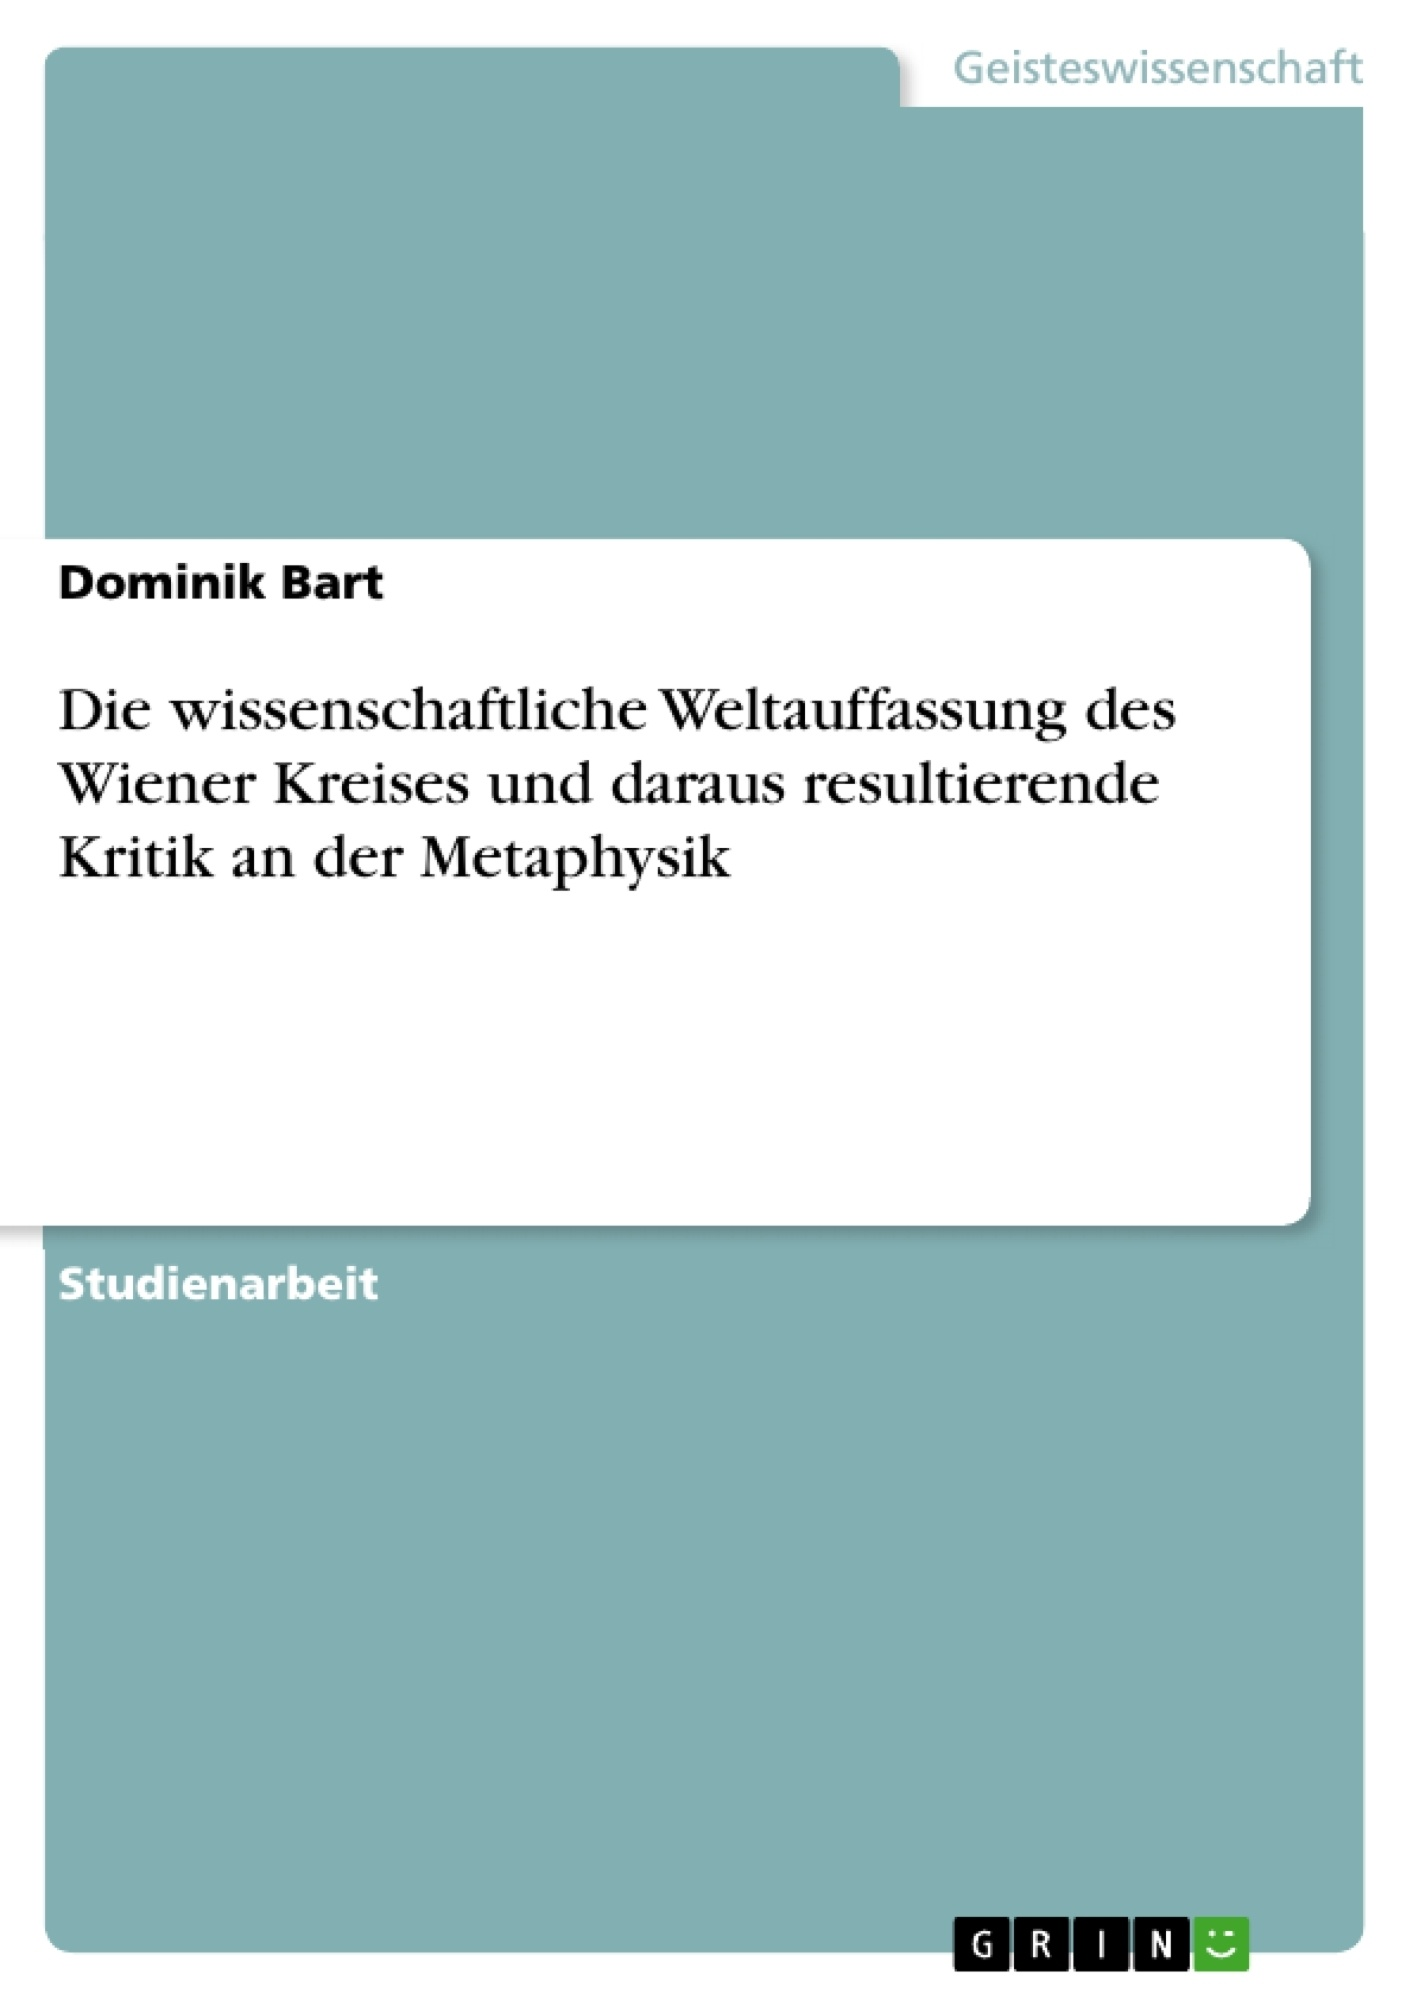 Titel: Die wissenschaftliche Weltauffassung des Wiener Kreises und daraus resultierende Kritik an der Metaphysik